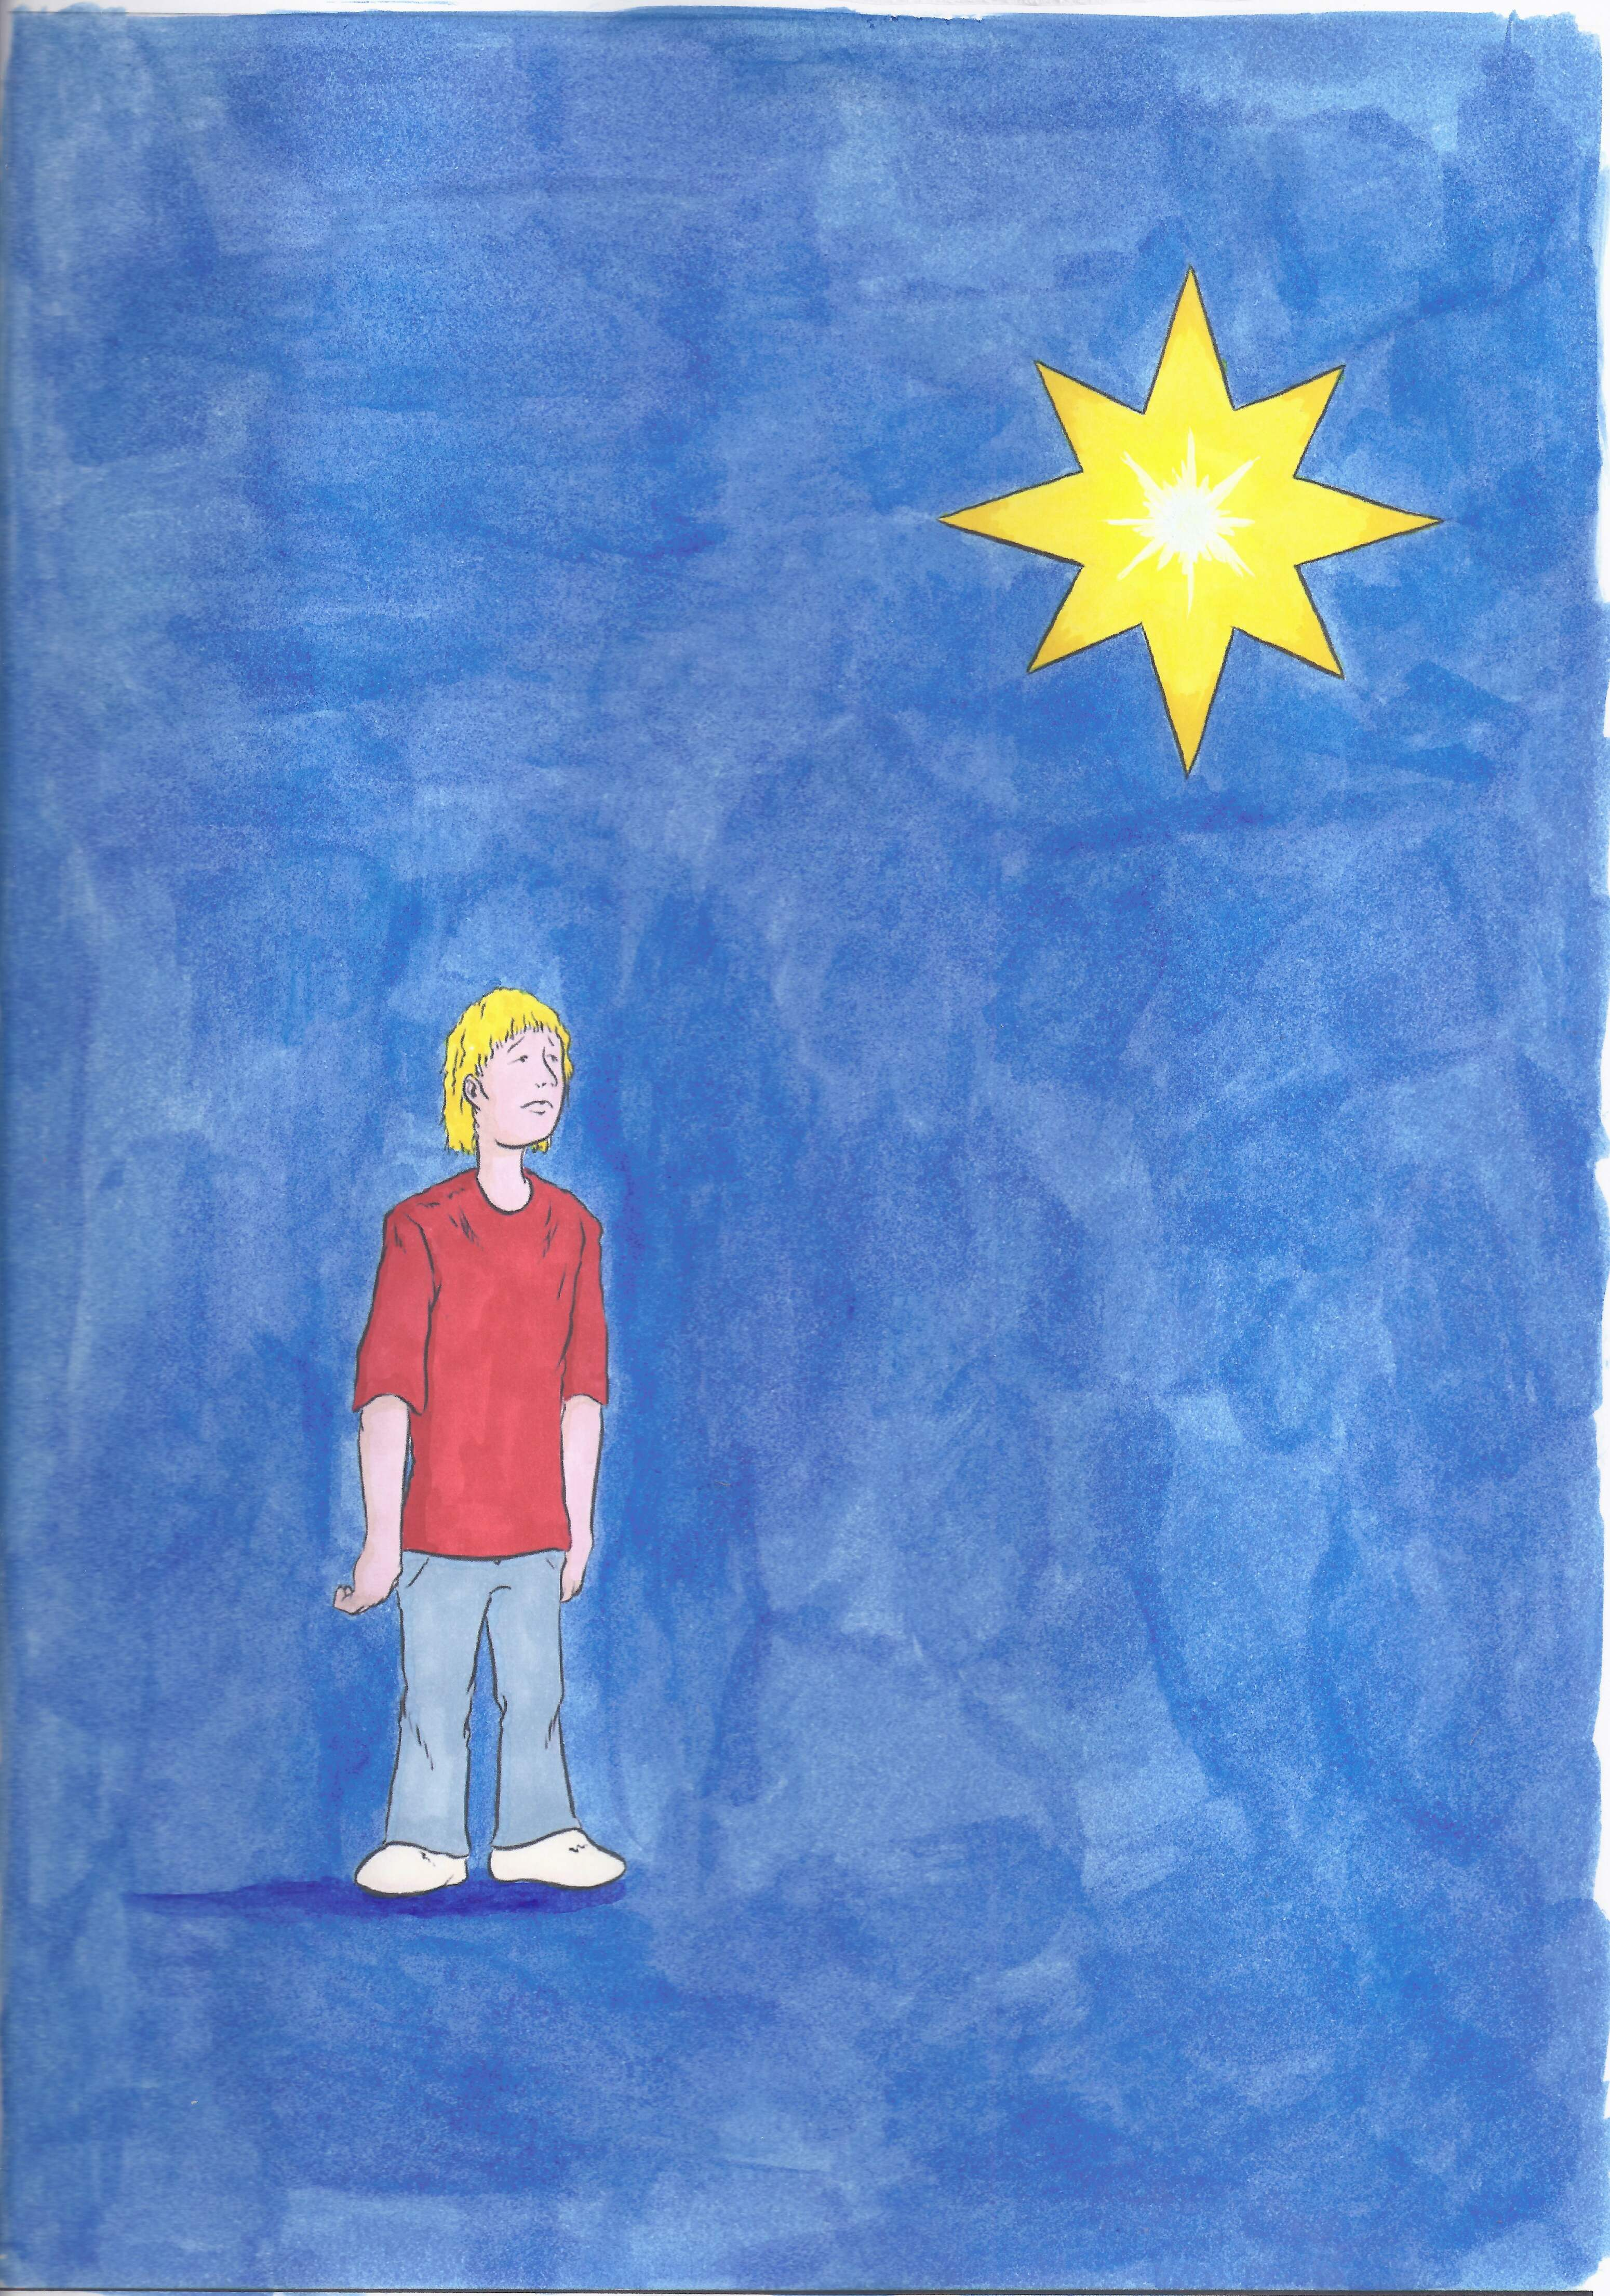 Mijn vader is een ster cover kleur studio nijssen - Een ster in mijn cabine ...